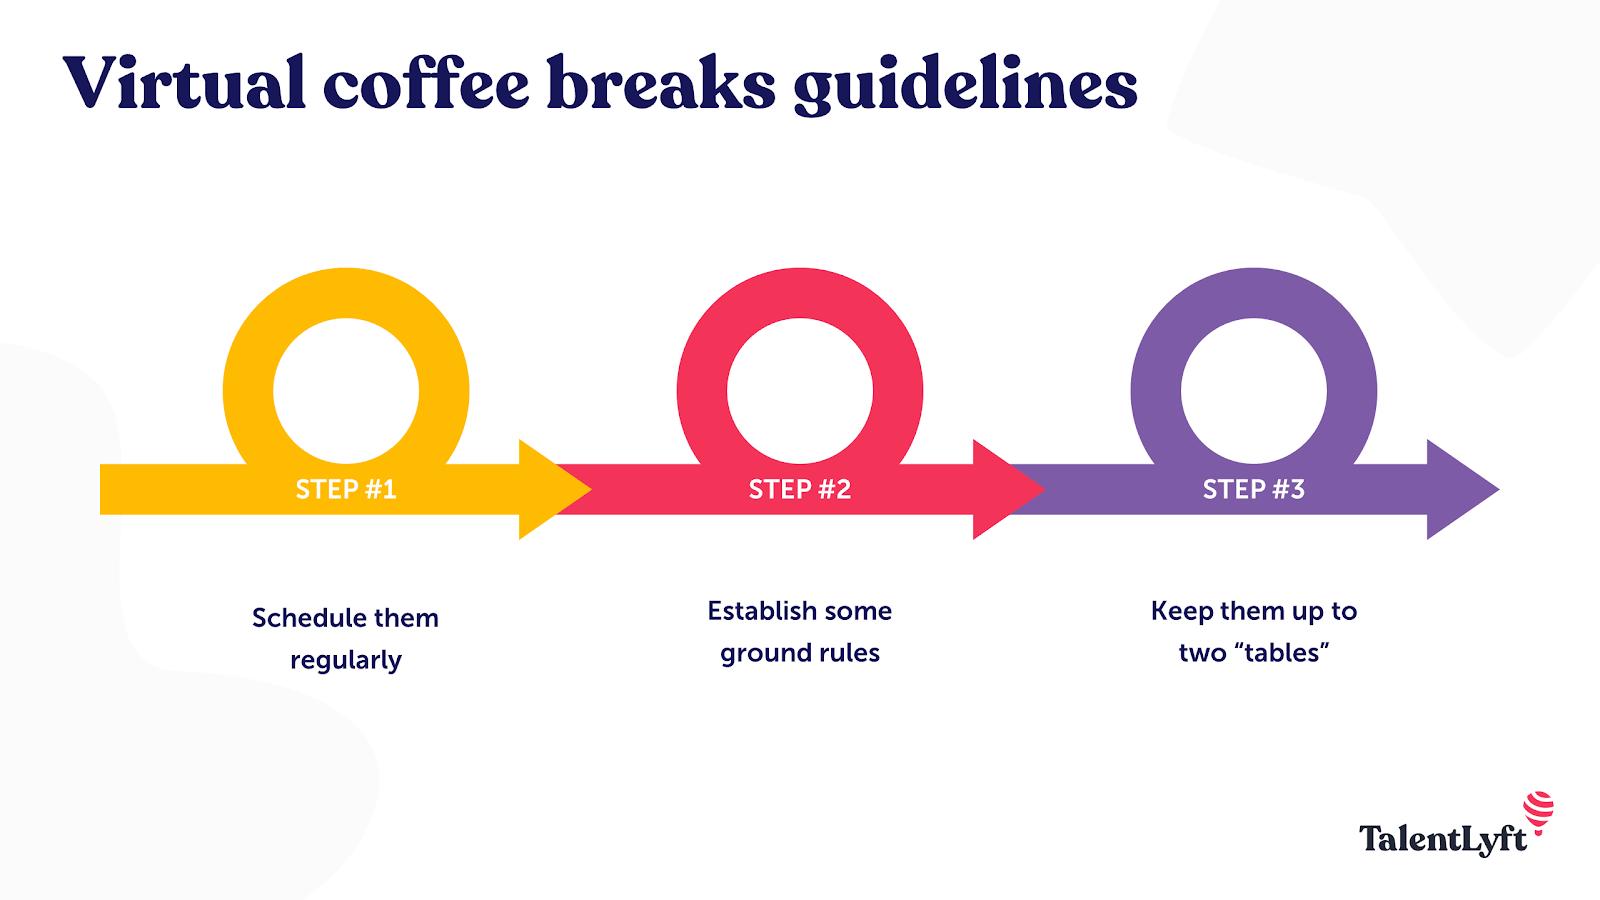 Virtual coffee break guidelines